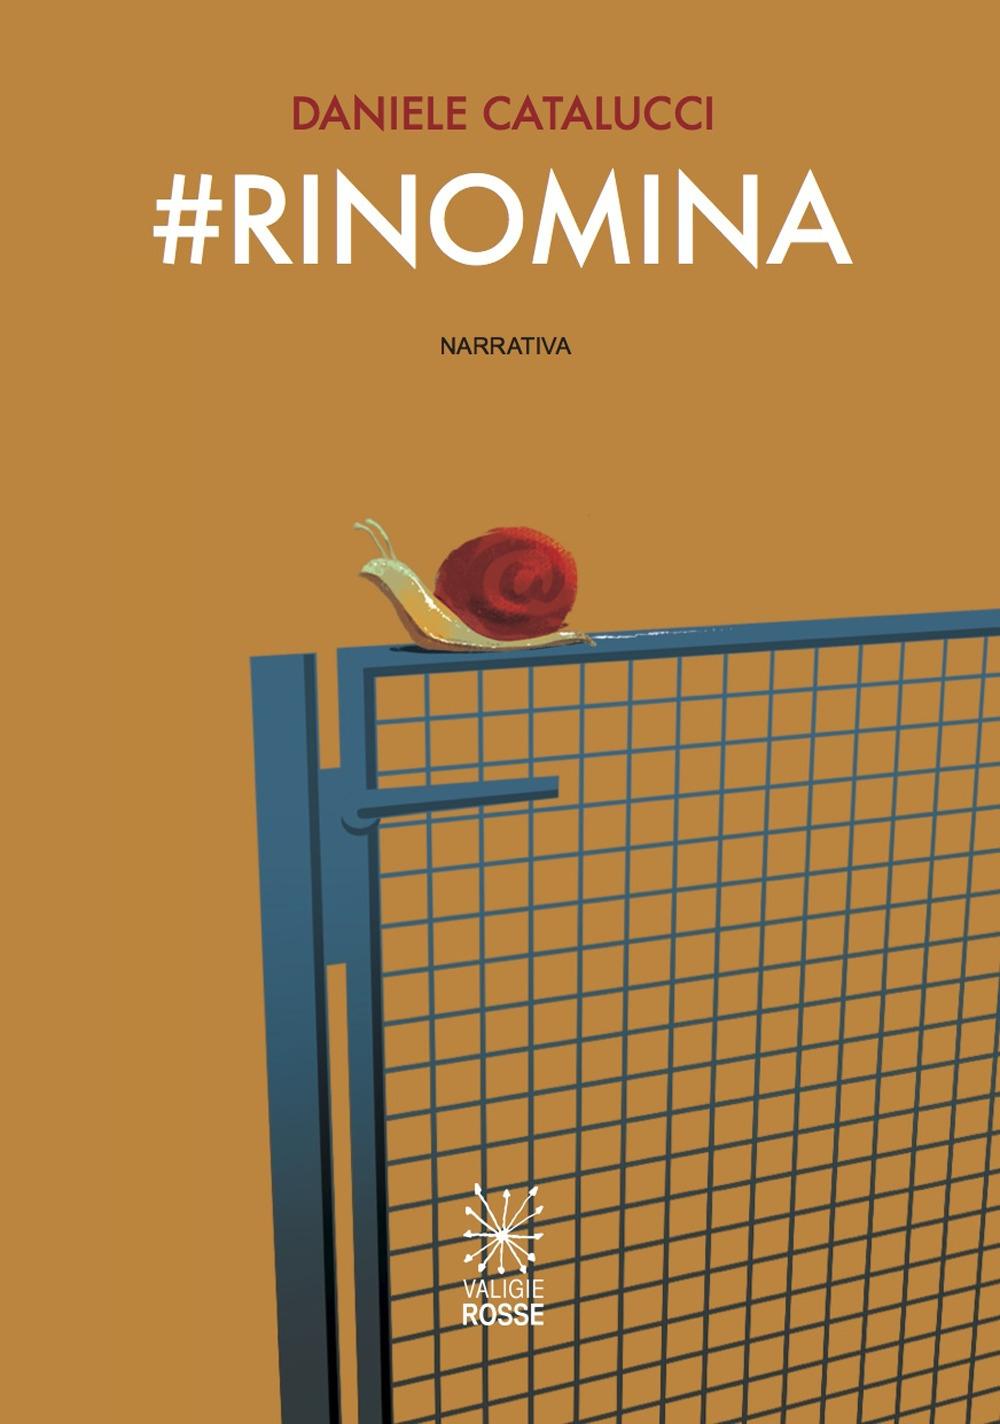 #Rinomina